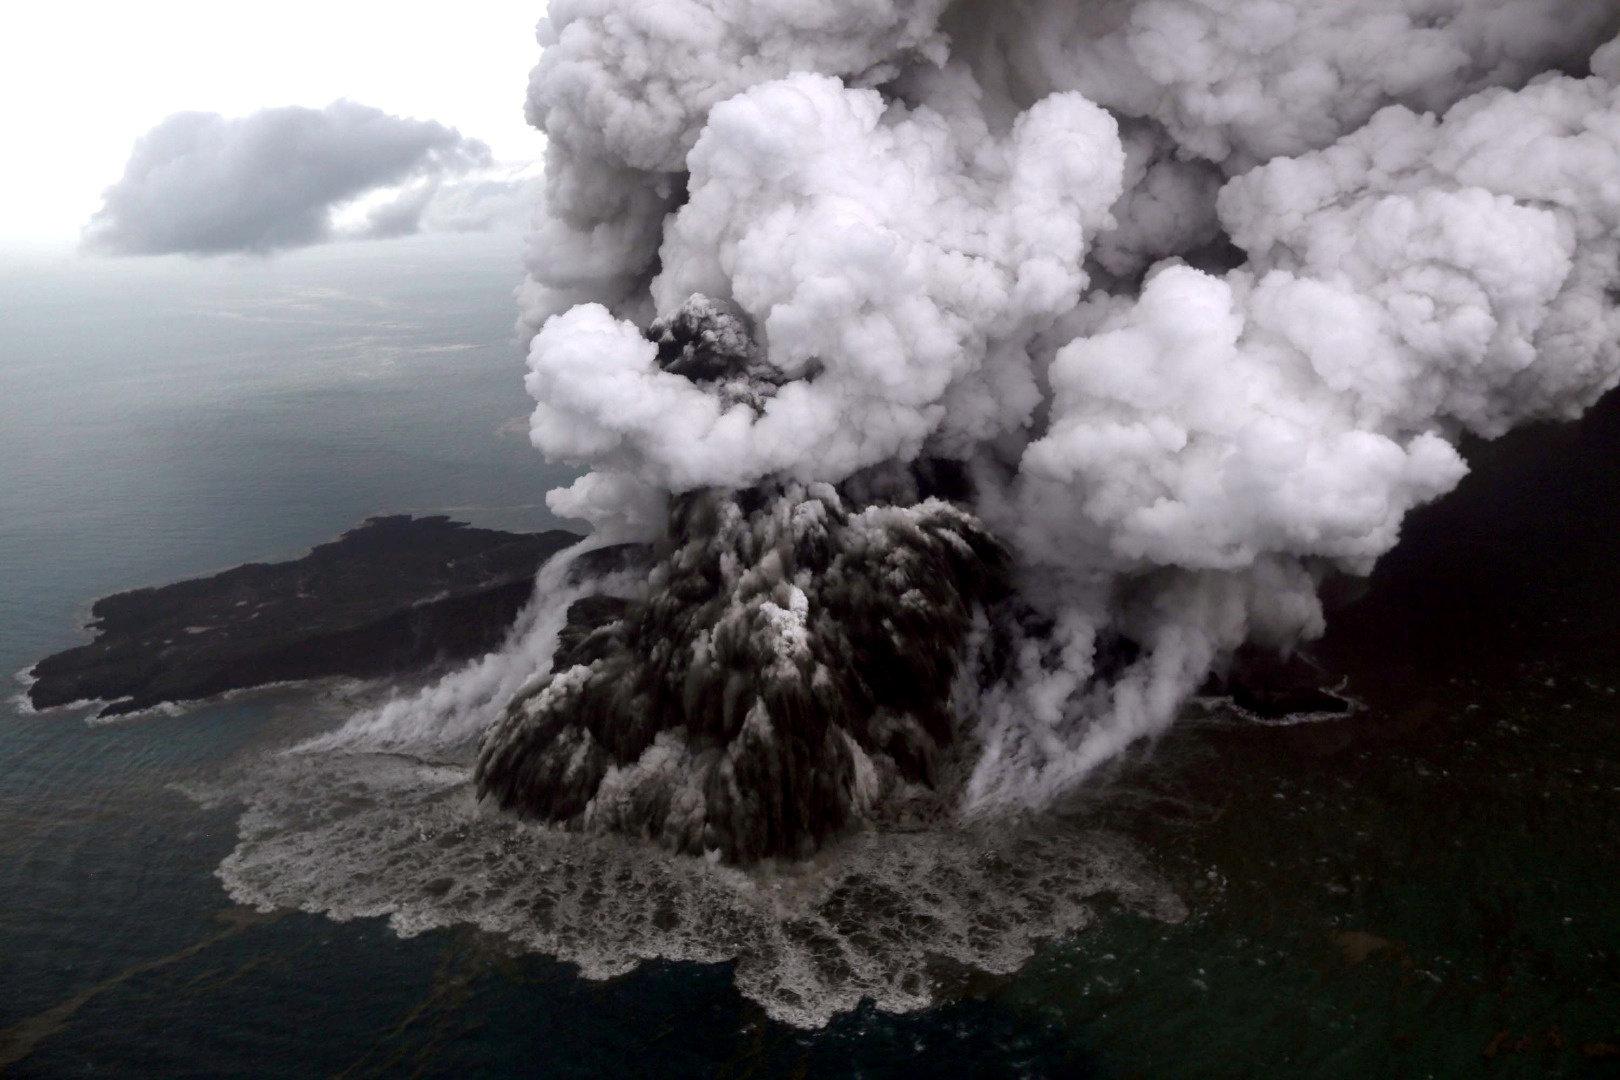 인도네시아 크라카타우 화산 분출 쓰나미 사망자수가 222명으로